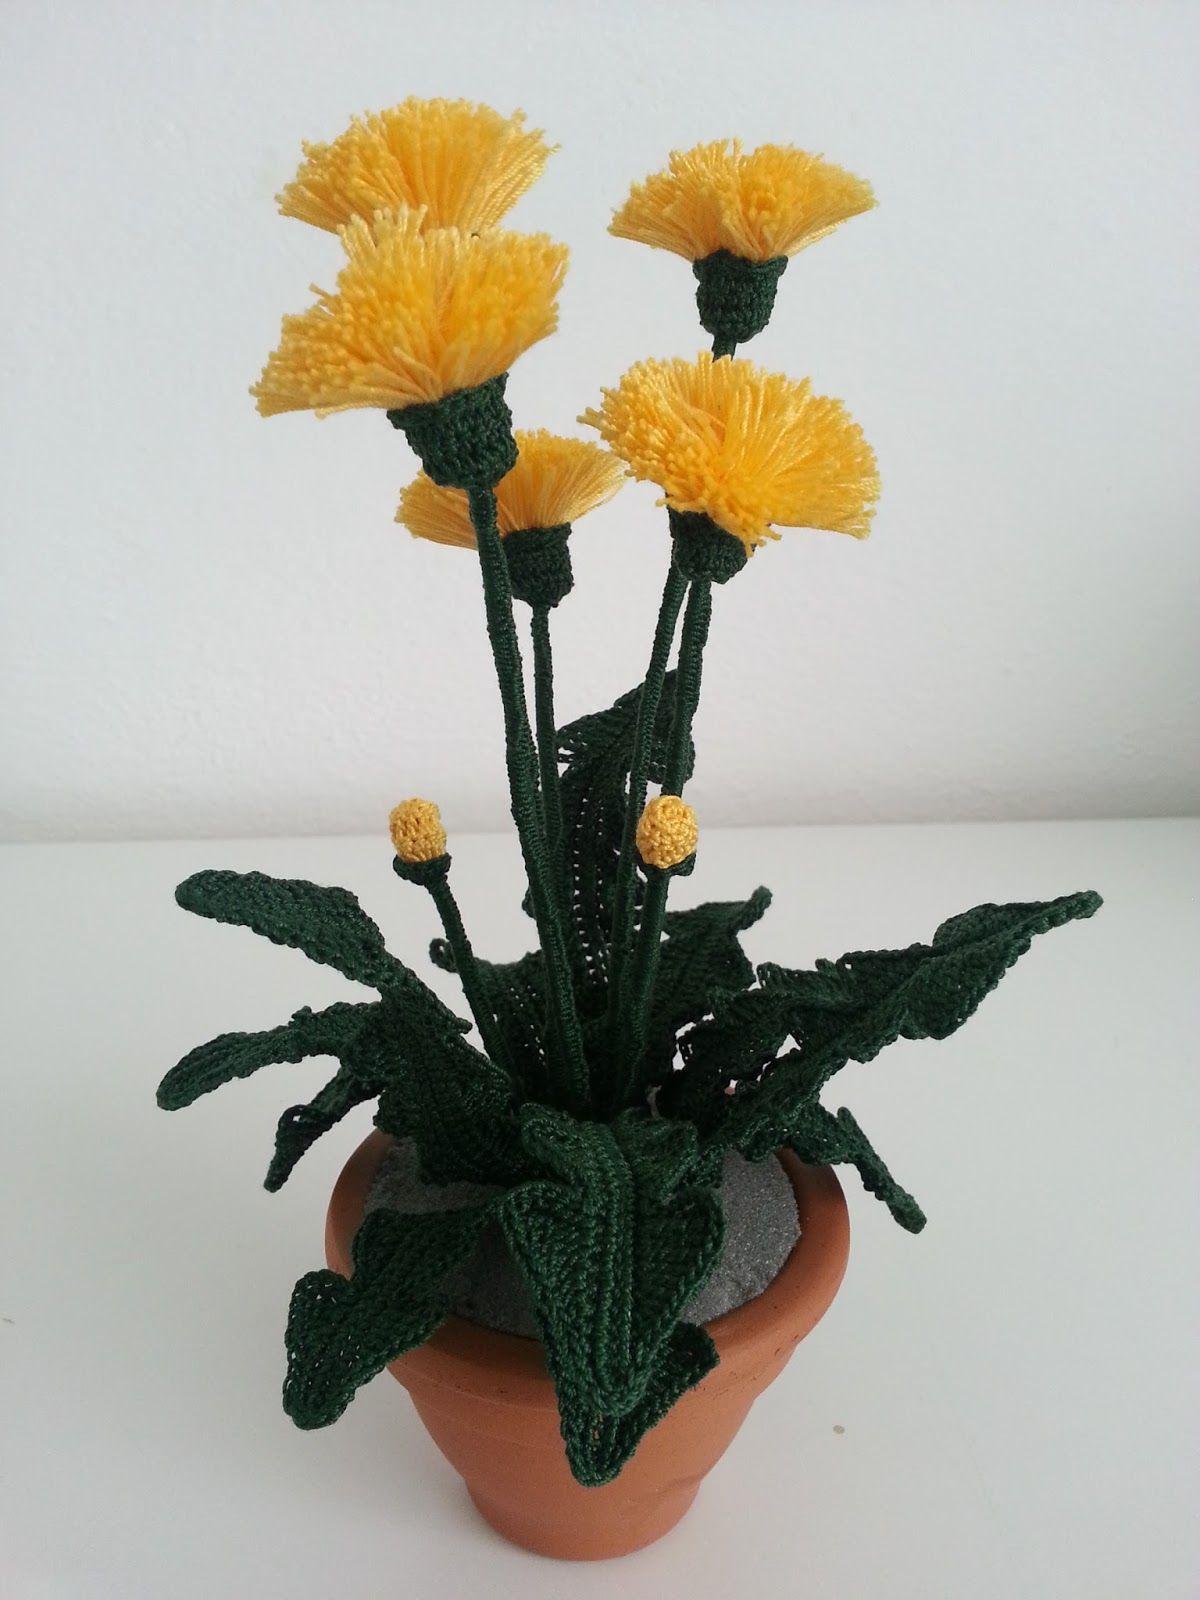 E una pianta diffusa praticamente ovunque tanto che viene considerata infestante. Ma è anche una pianta magica dalle mille virtù, utili...